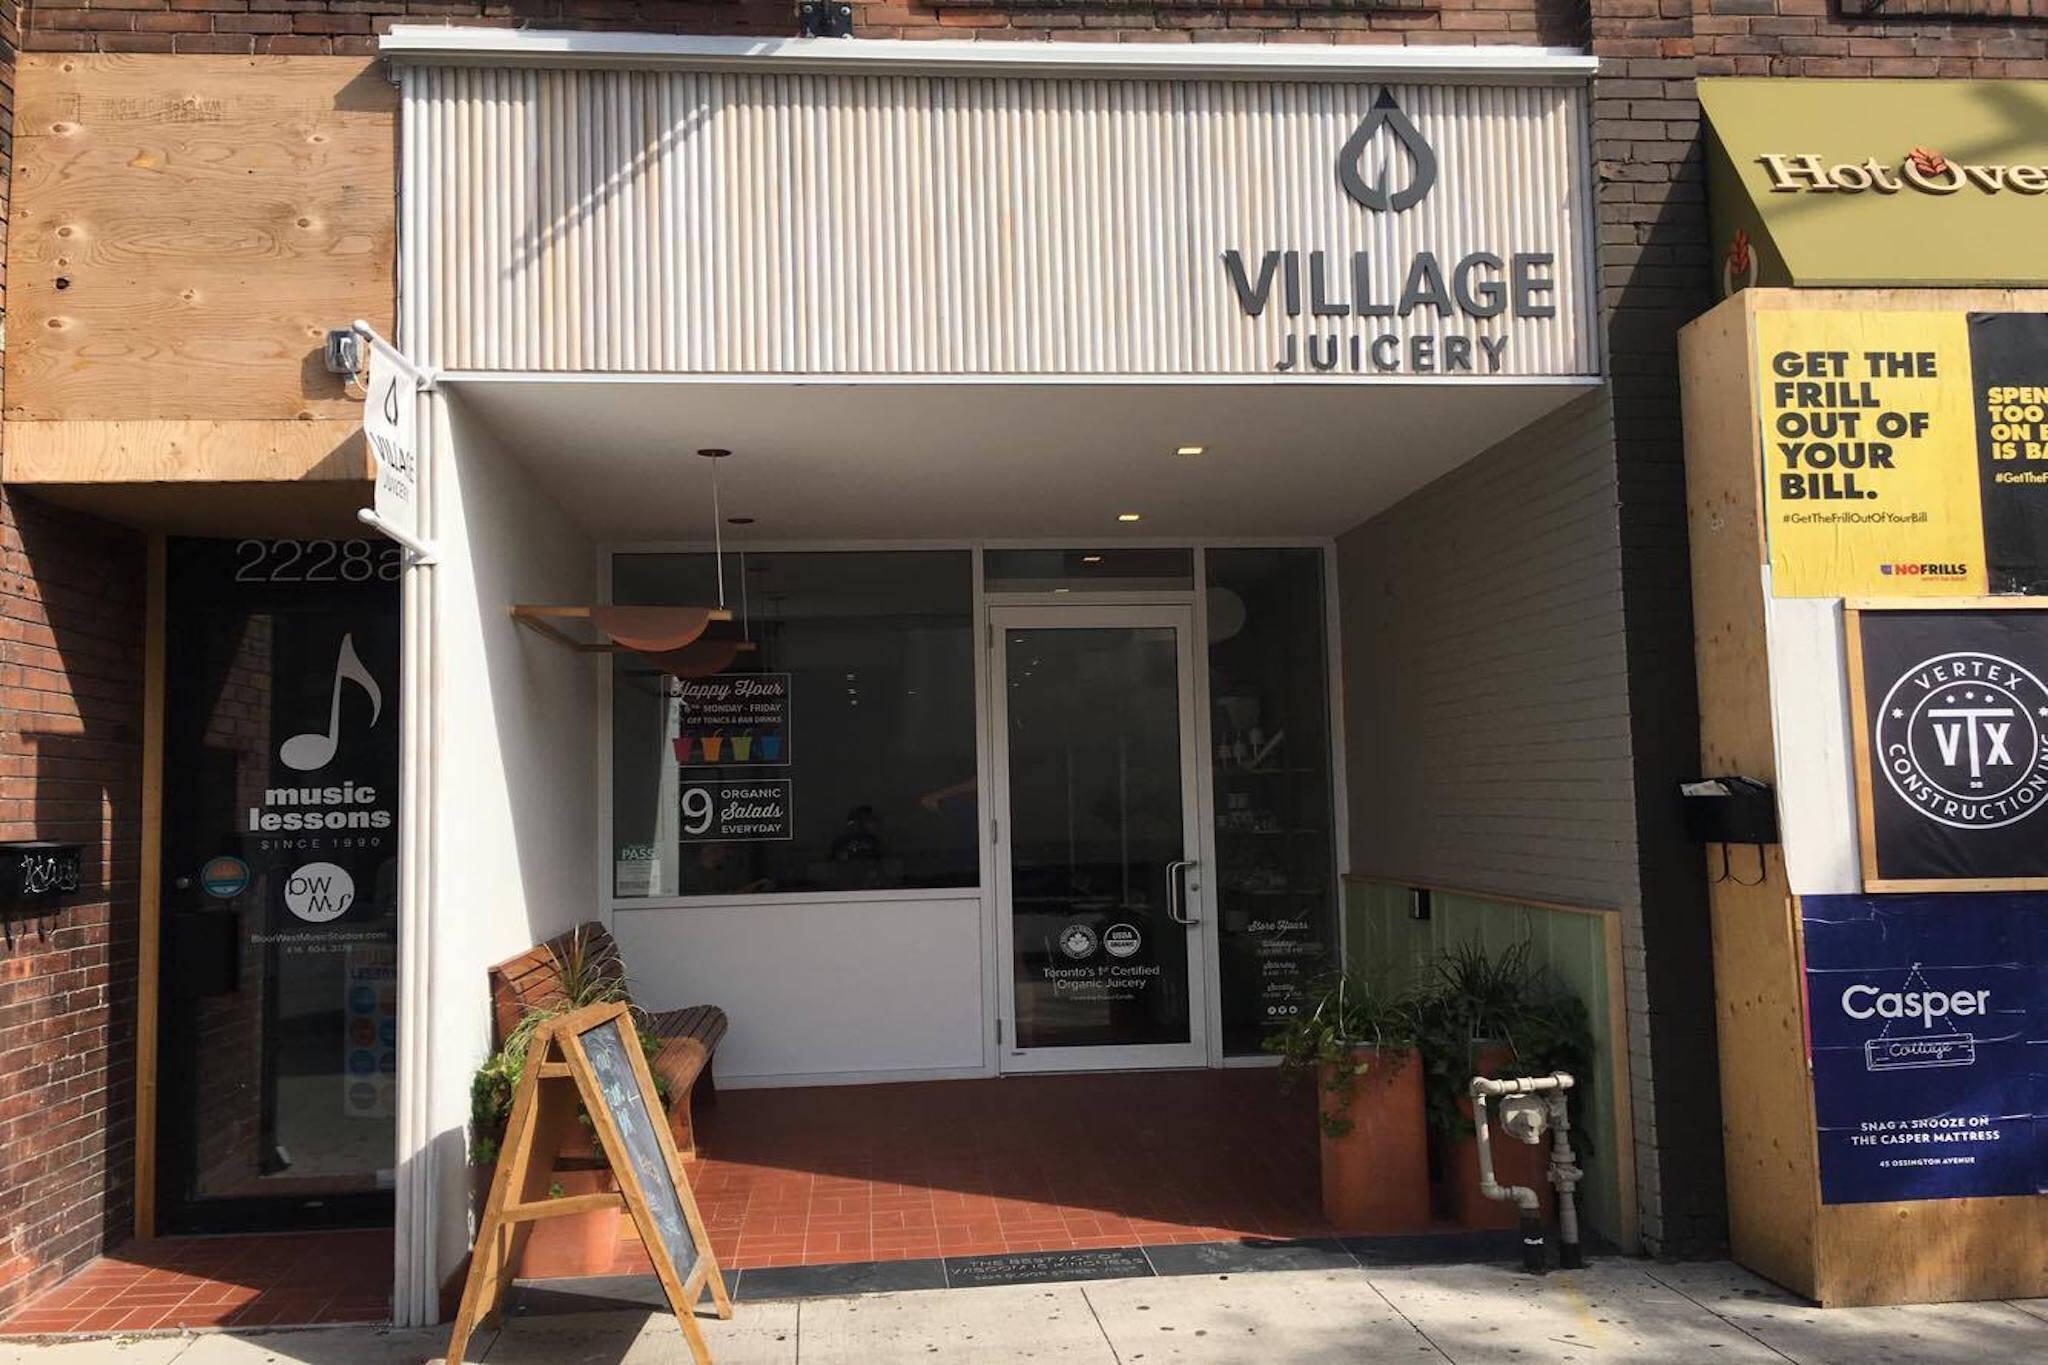 Village Juicery Toronto